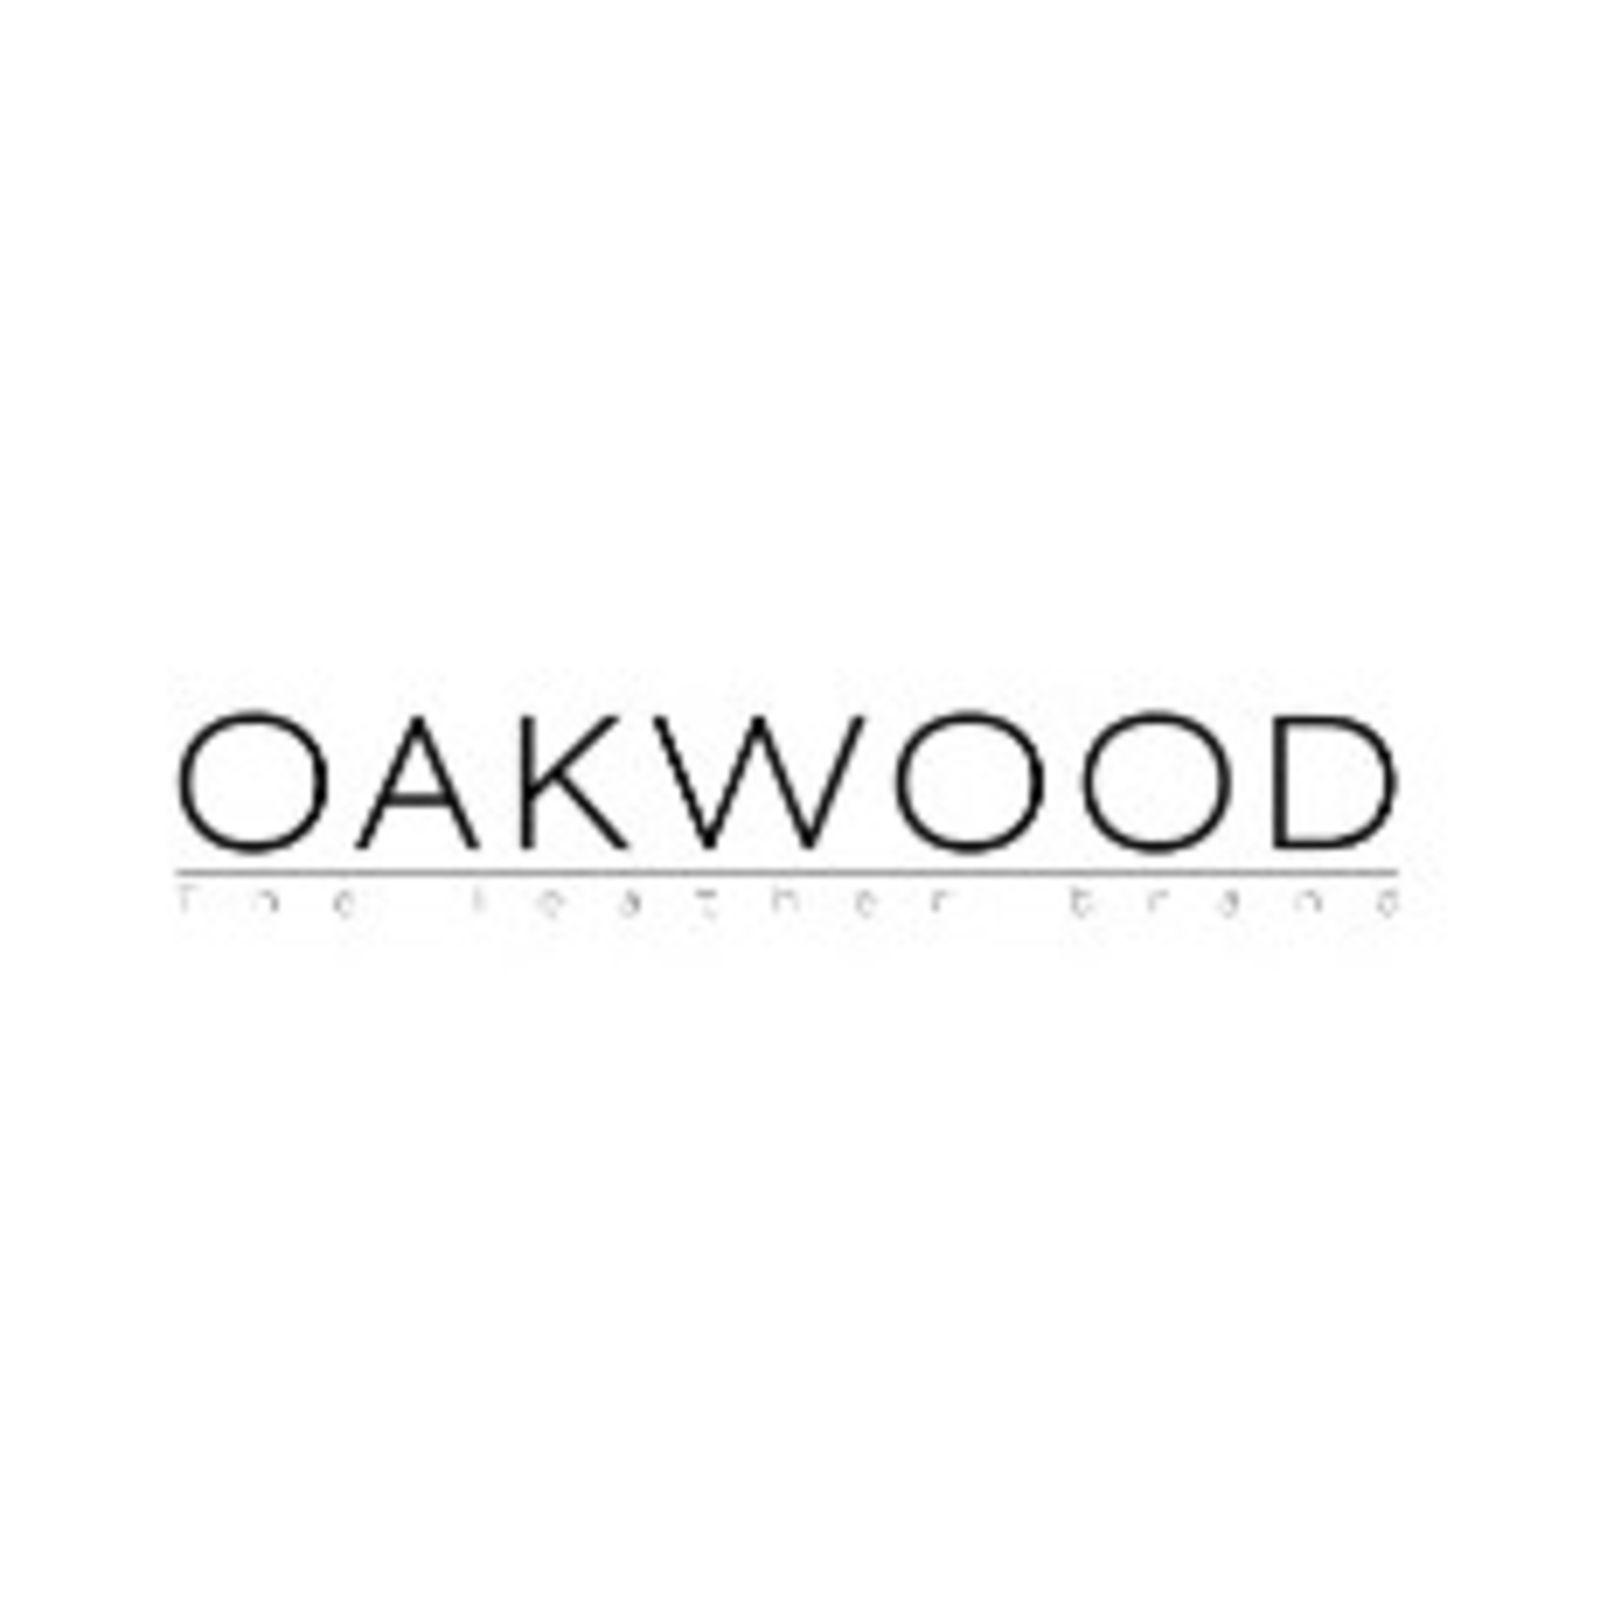 OAKWOOD (Bild 1)